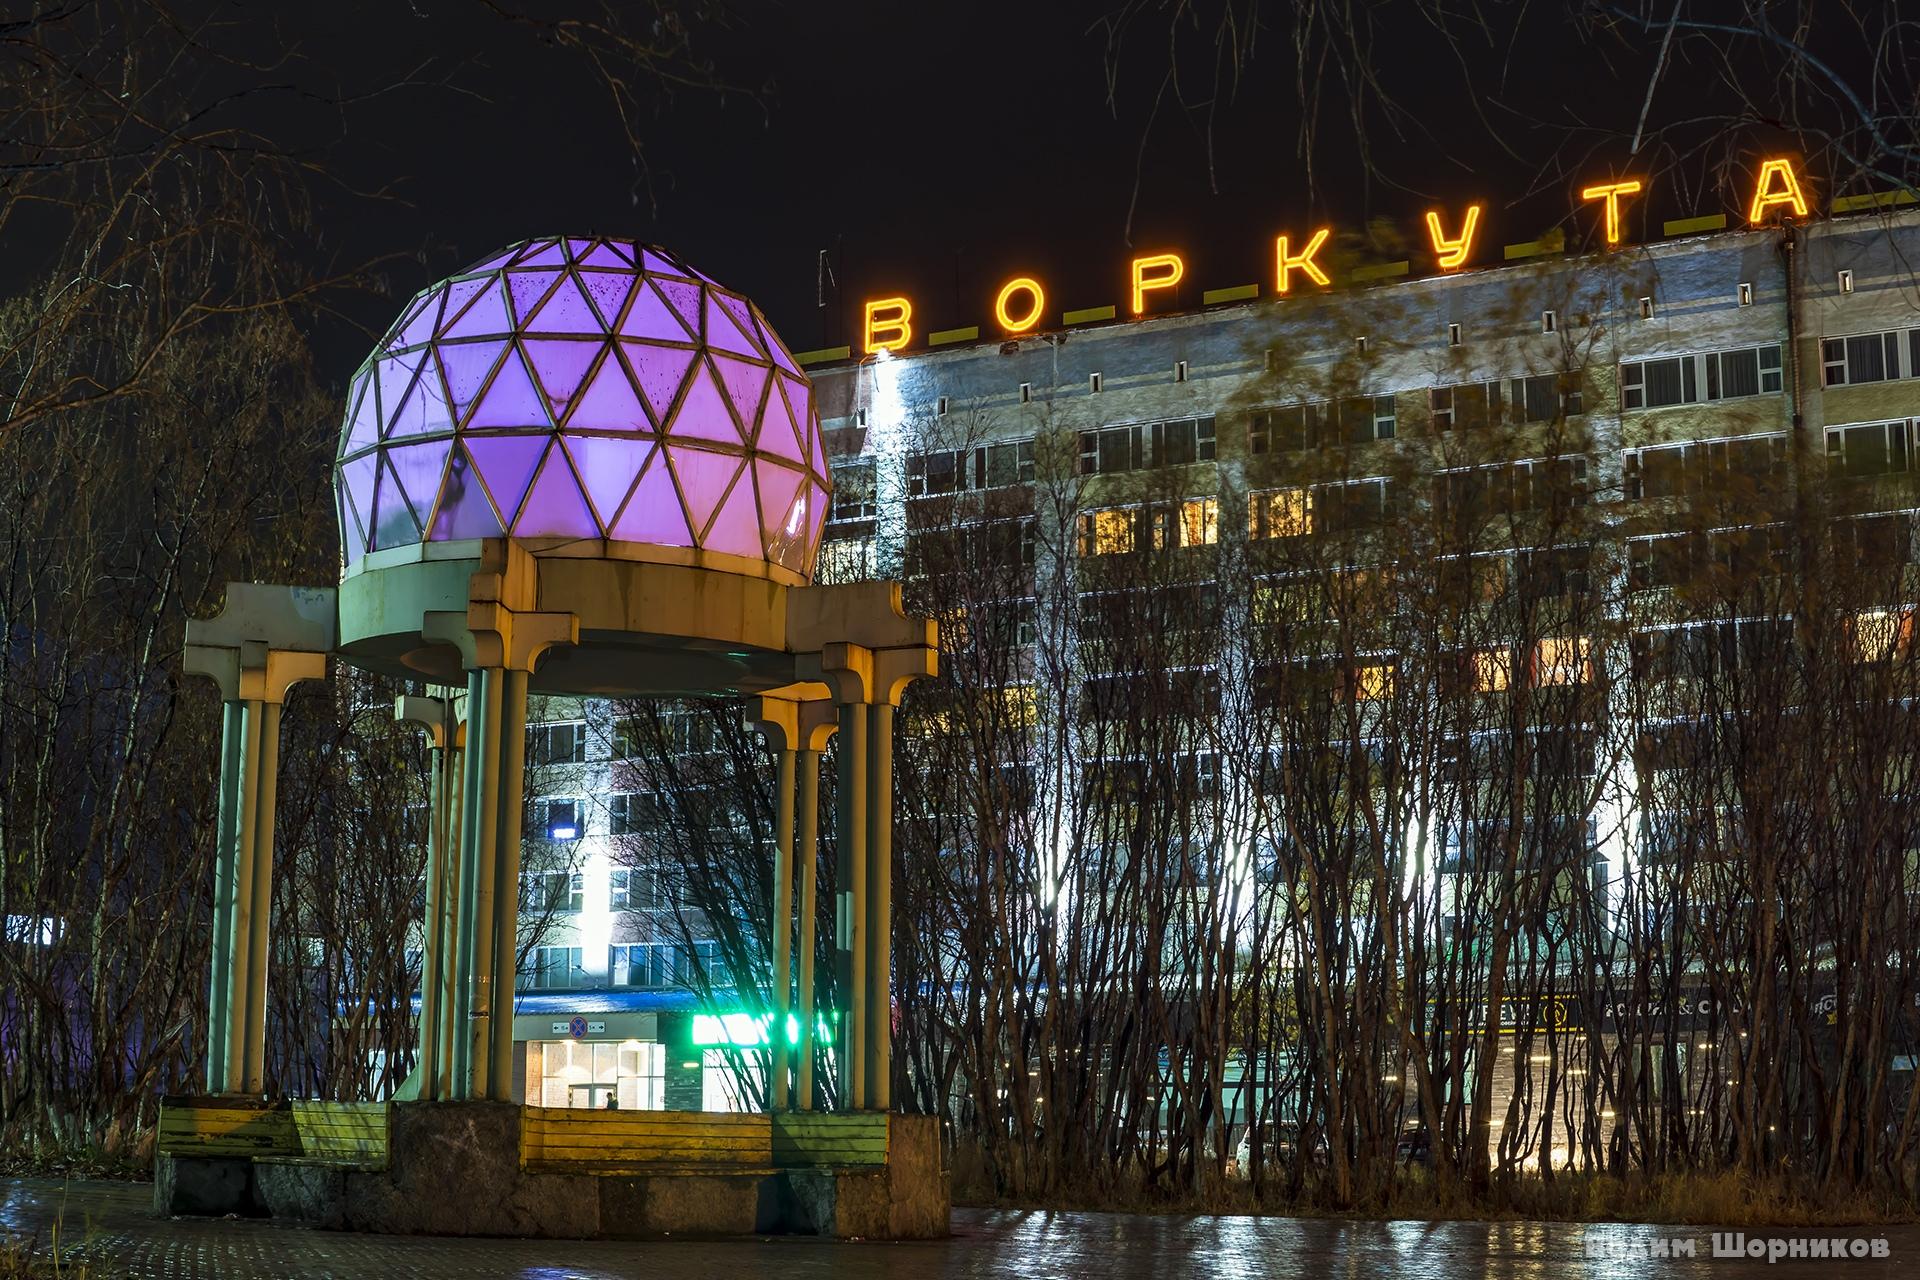 """Восстановленная световая надпись """"Воркута"""" на гостинице"""